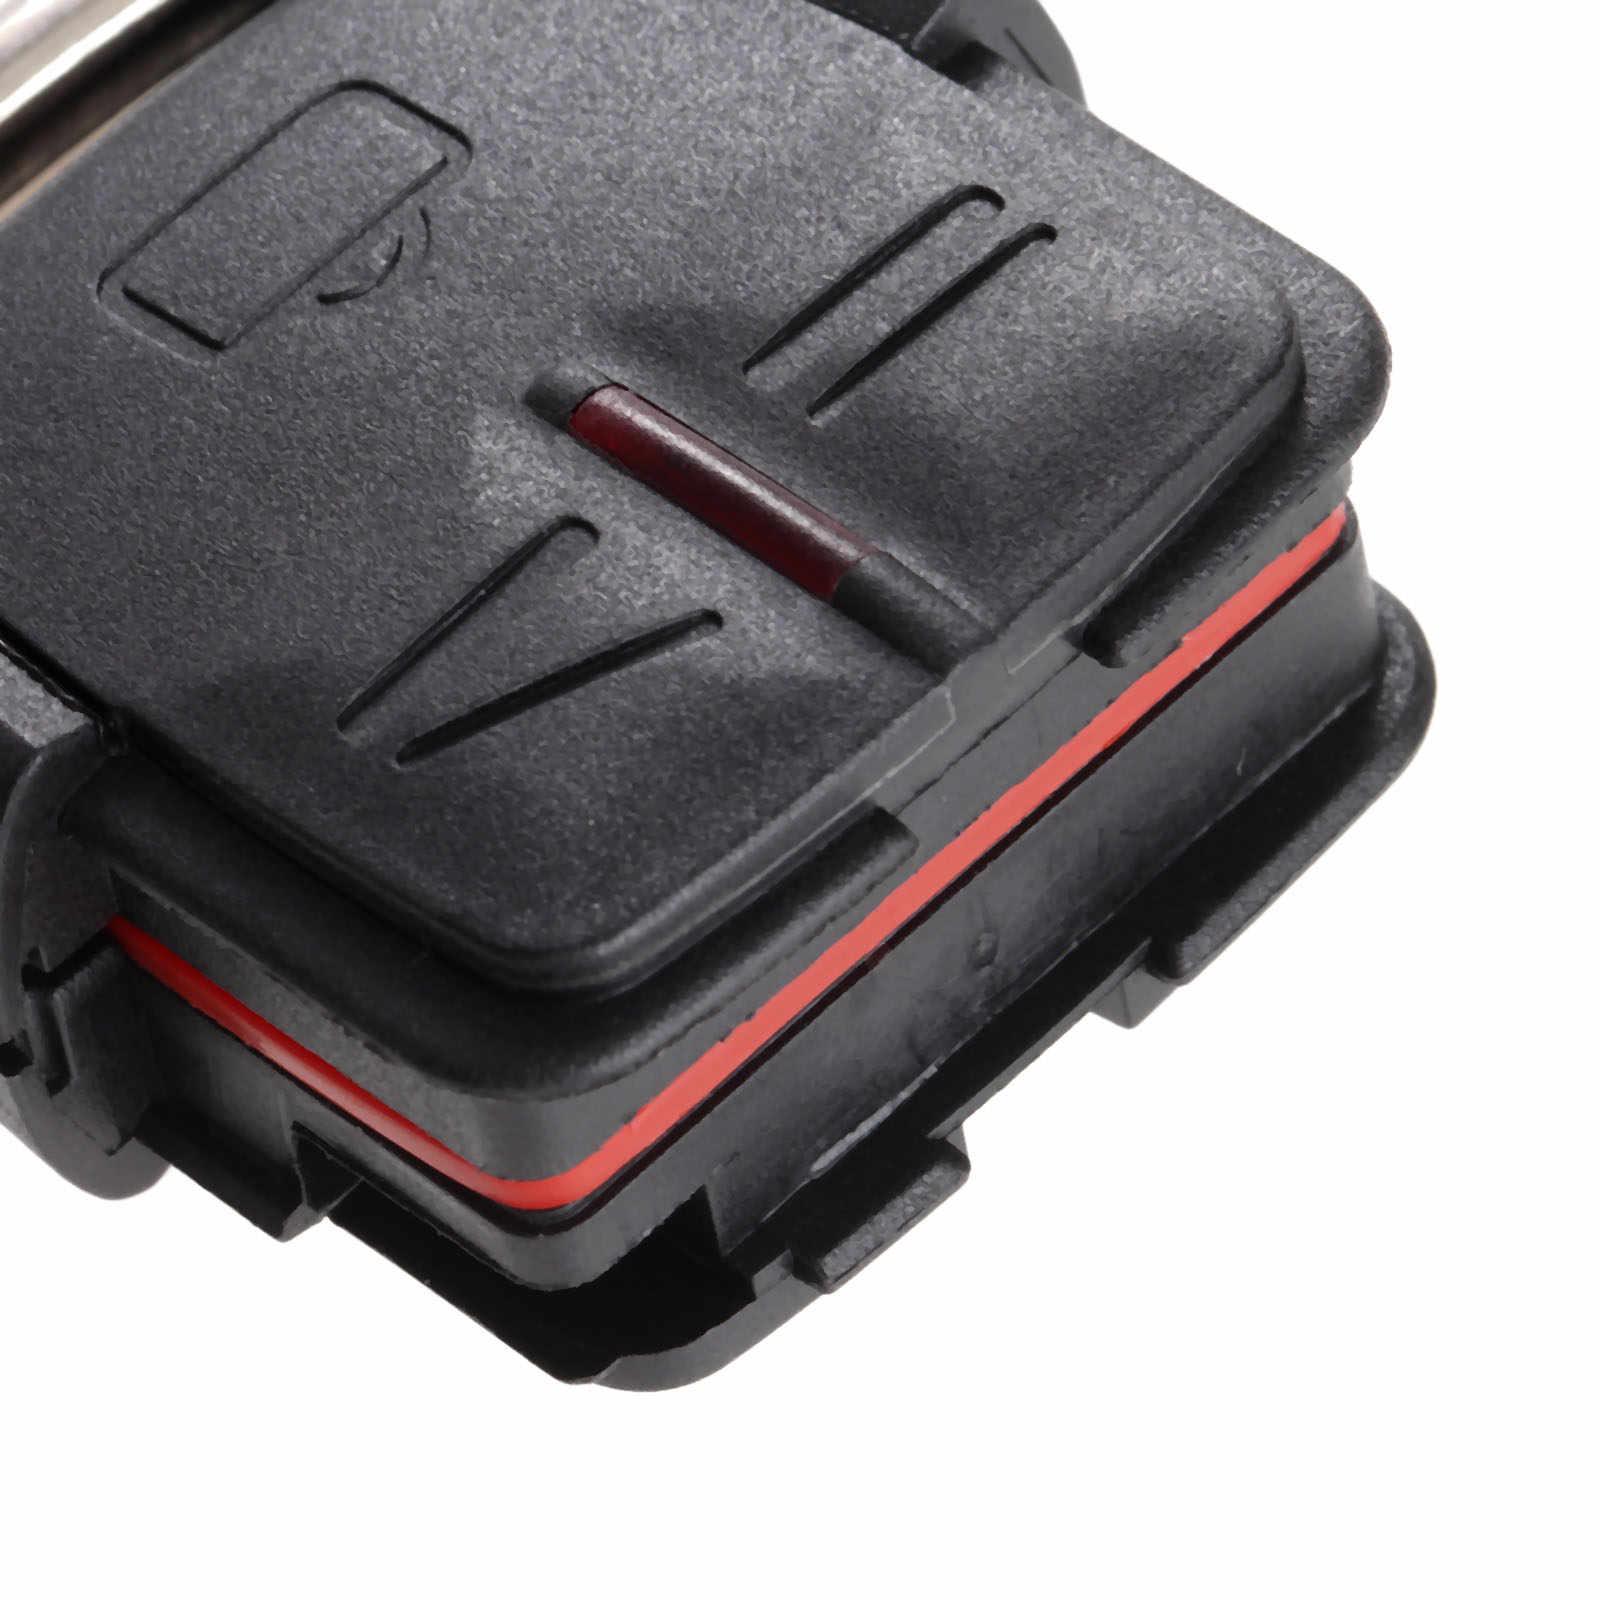 Yetaha кнопки Замена дистанционного брелока корпус без ключа часть ключа для Vauxhall Opel Frontera Omega Astra автомобильный чехол